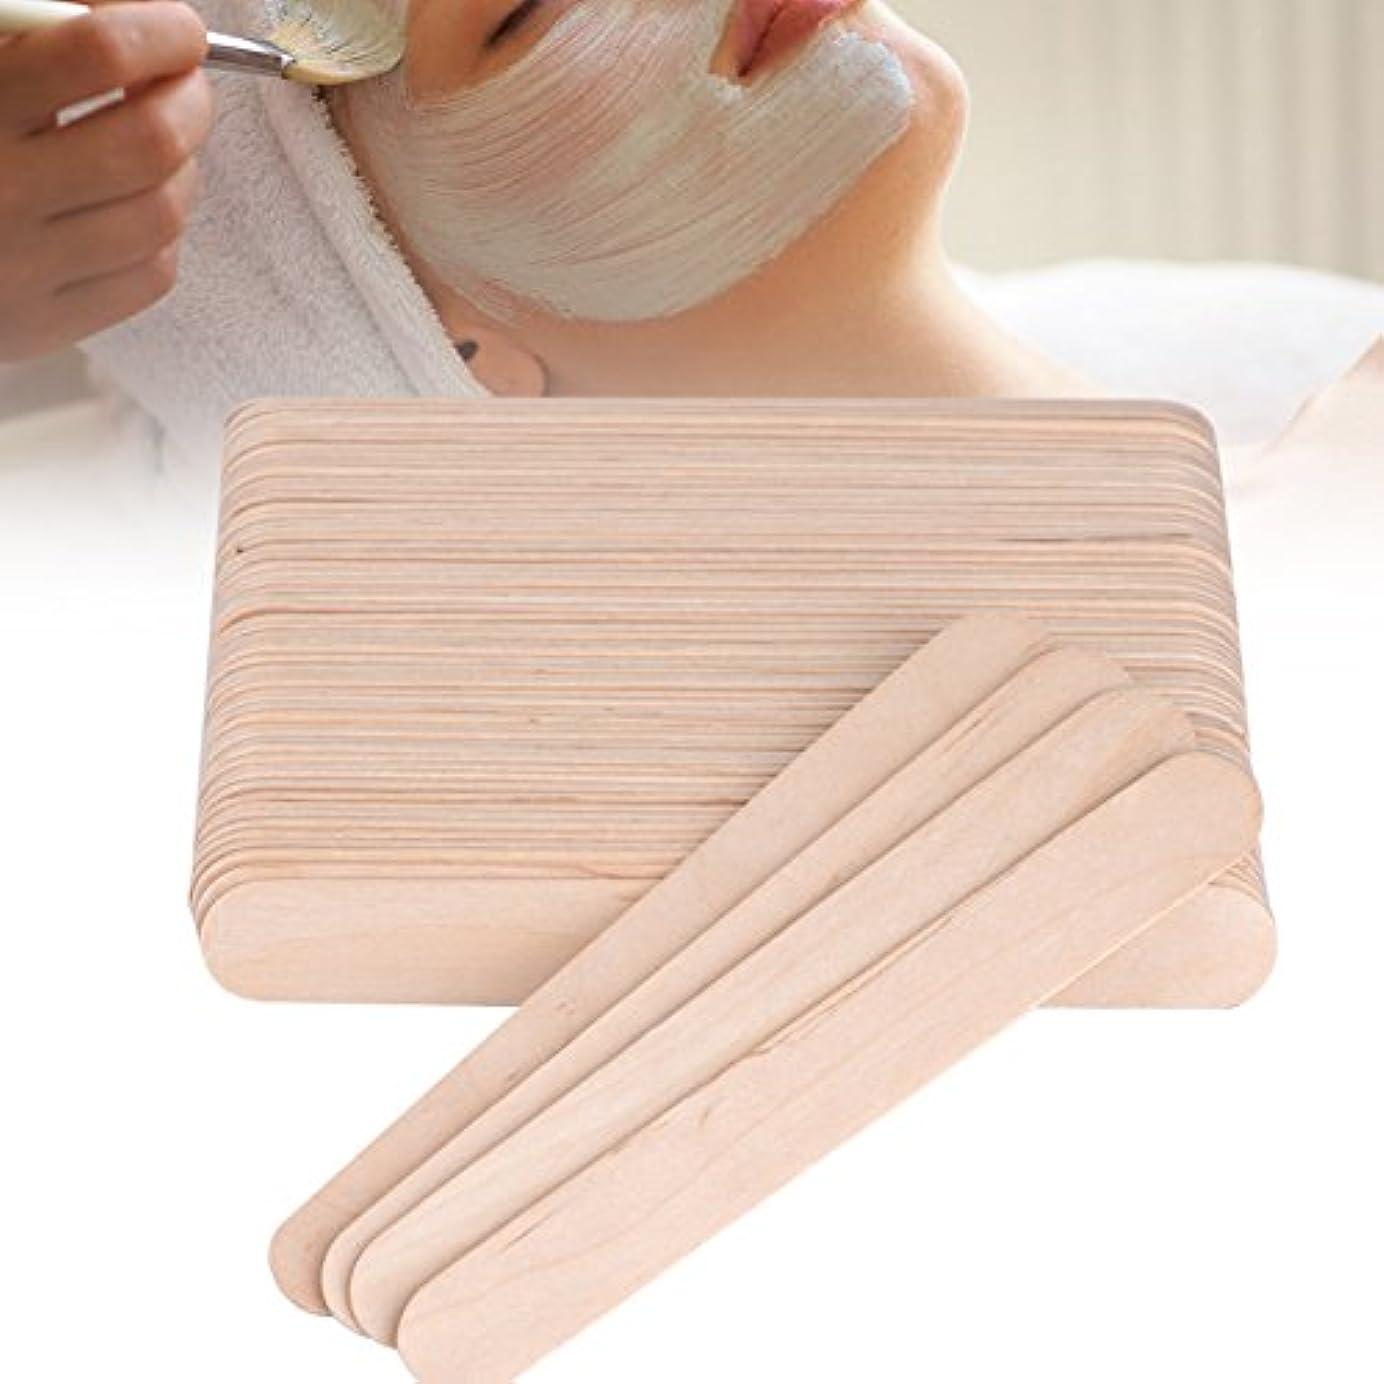 ブロッサムバースト政府舌圧子ワックススティックスパチュラアプリケーター木製スパチュラ使い捨て業務用木製 100PCS /バッグ